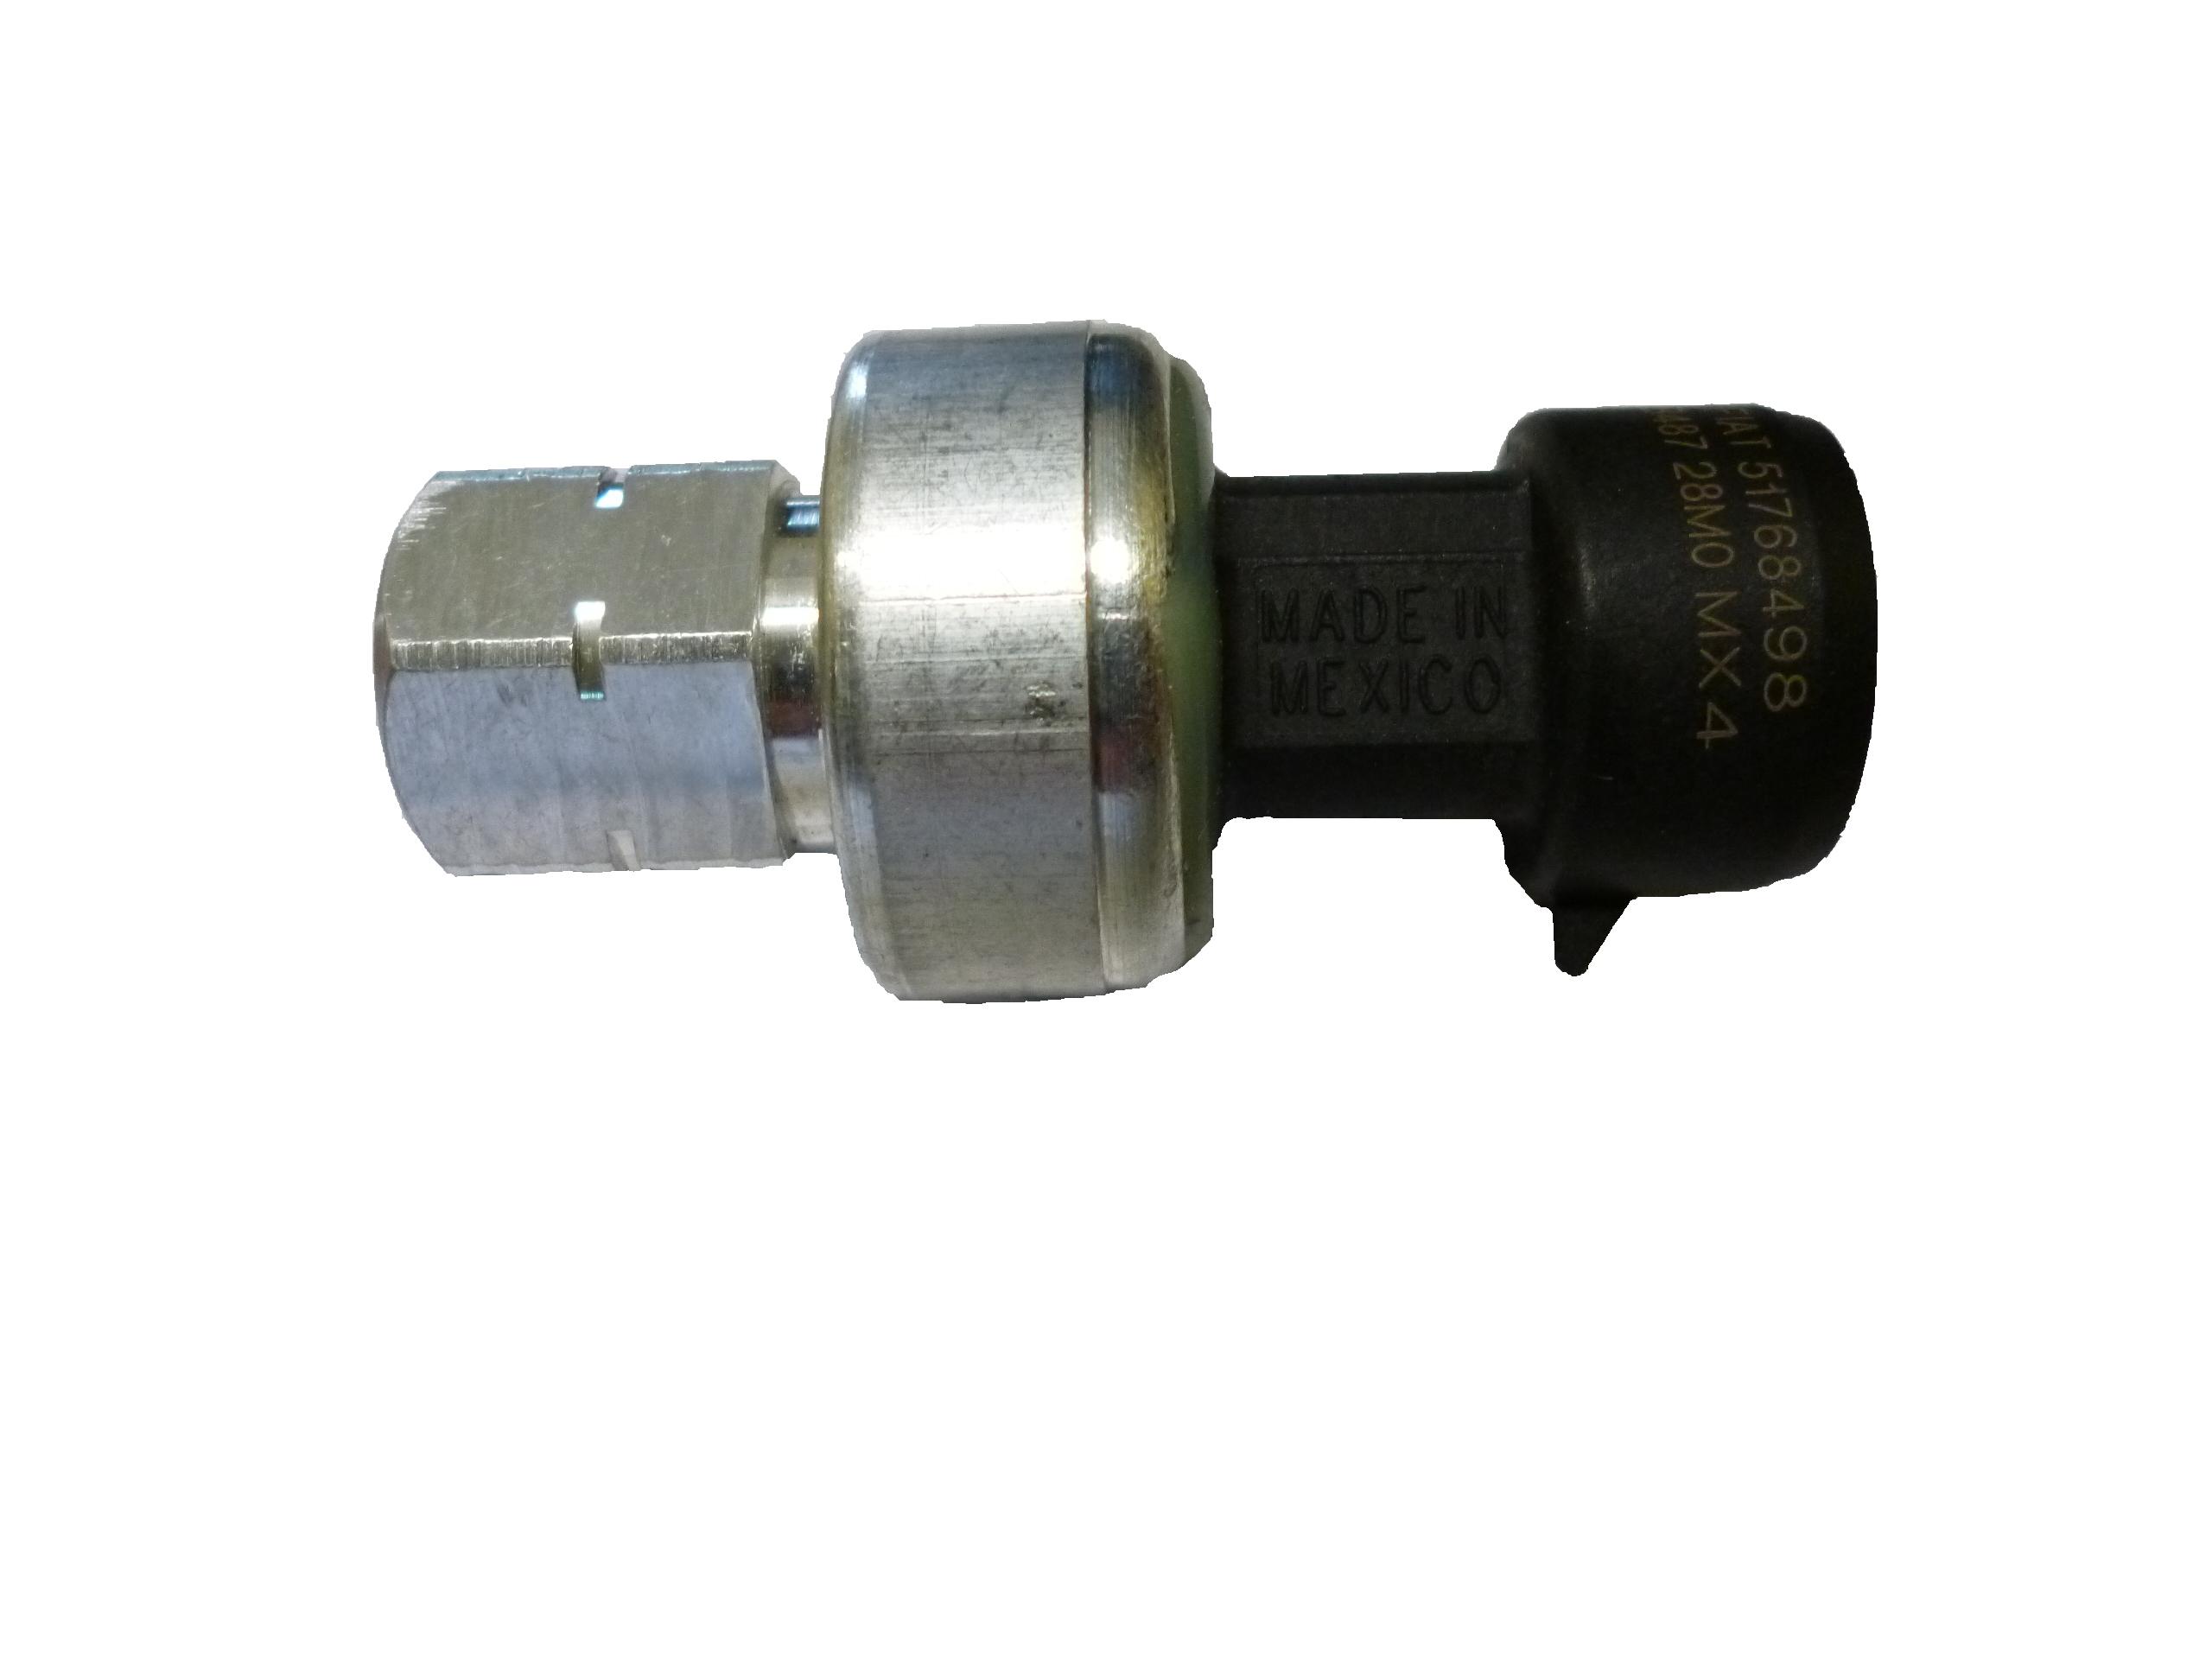 датчик давления кондиционирования воздуха renault оригинал